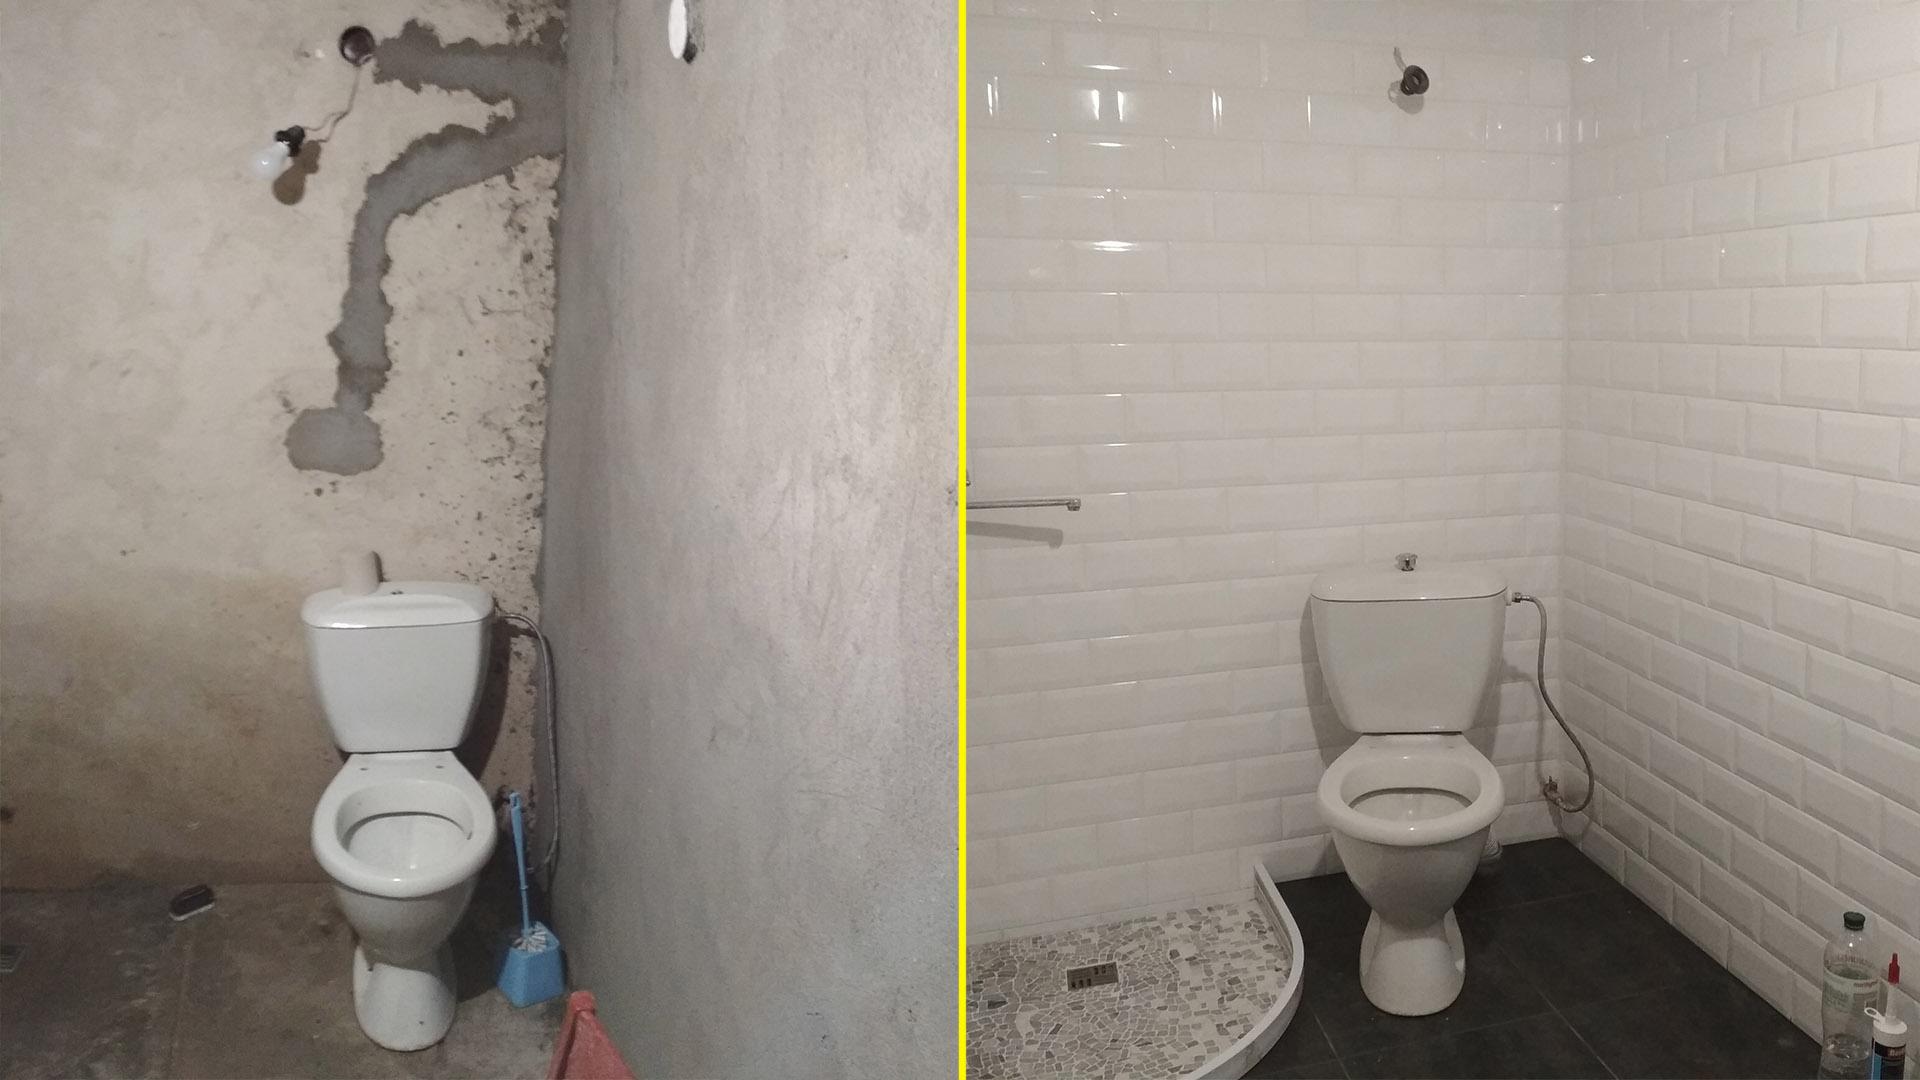 Фото Стяжка пола. Оштукатуривание стен. Укладка плитки на пол и стены. Укладка мозаики на душевом поддоне.